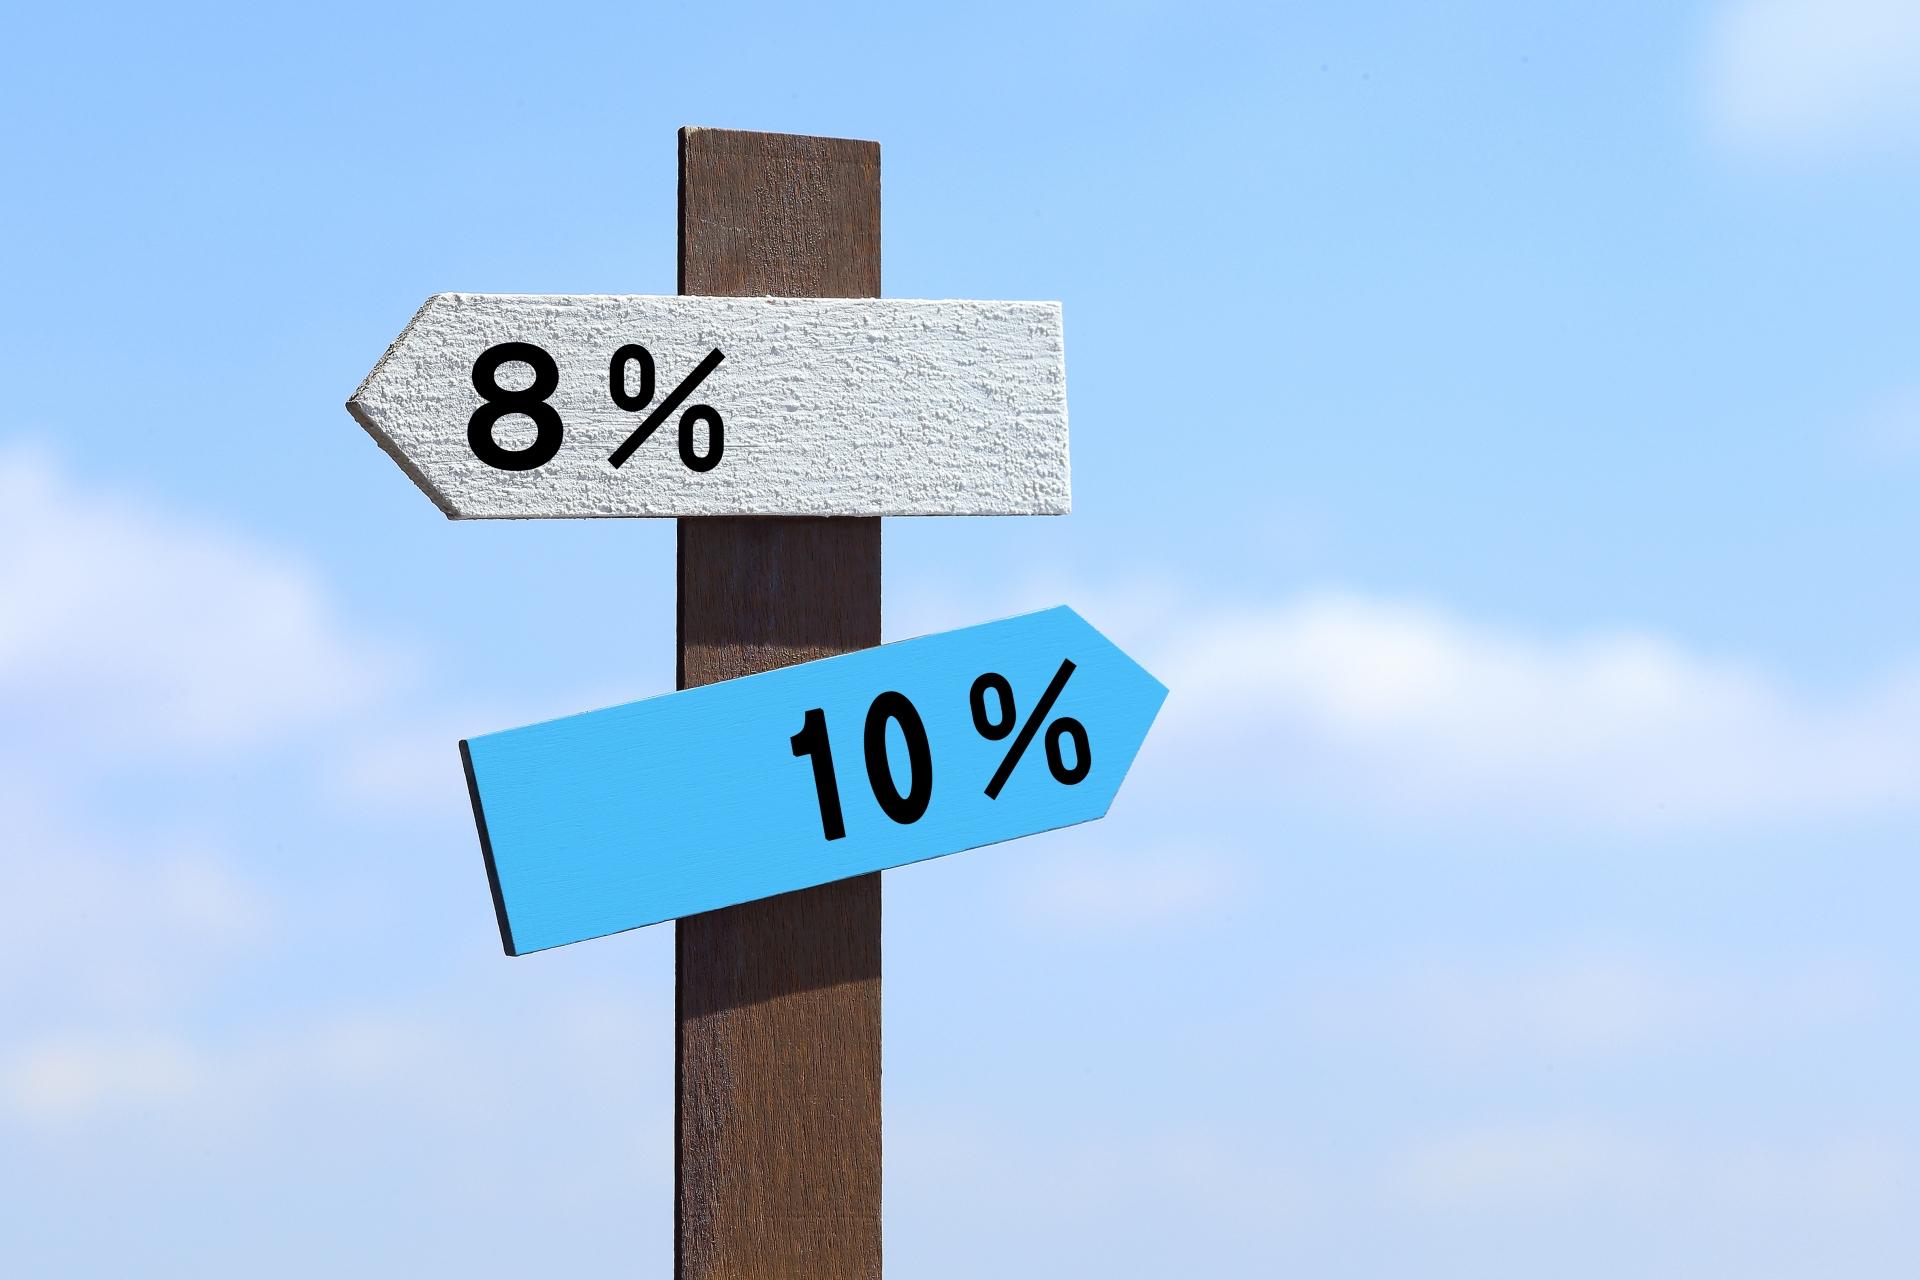 消費税引上げにより発生する経理処理